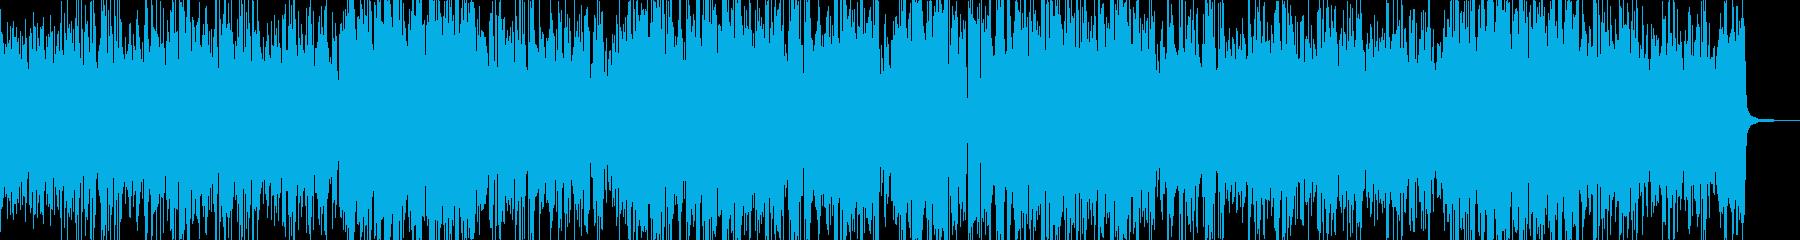 マリンバ・サンバの再生済みの波形